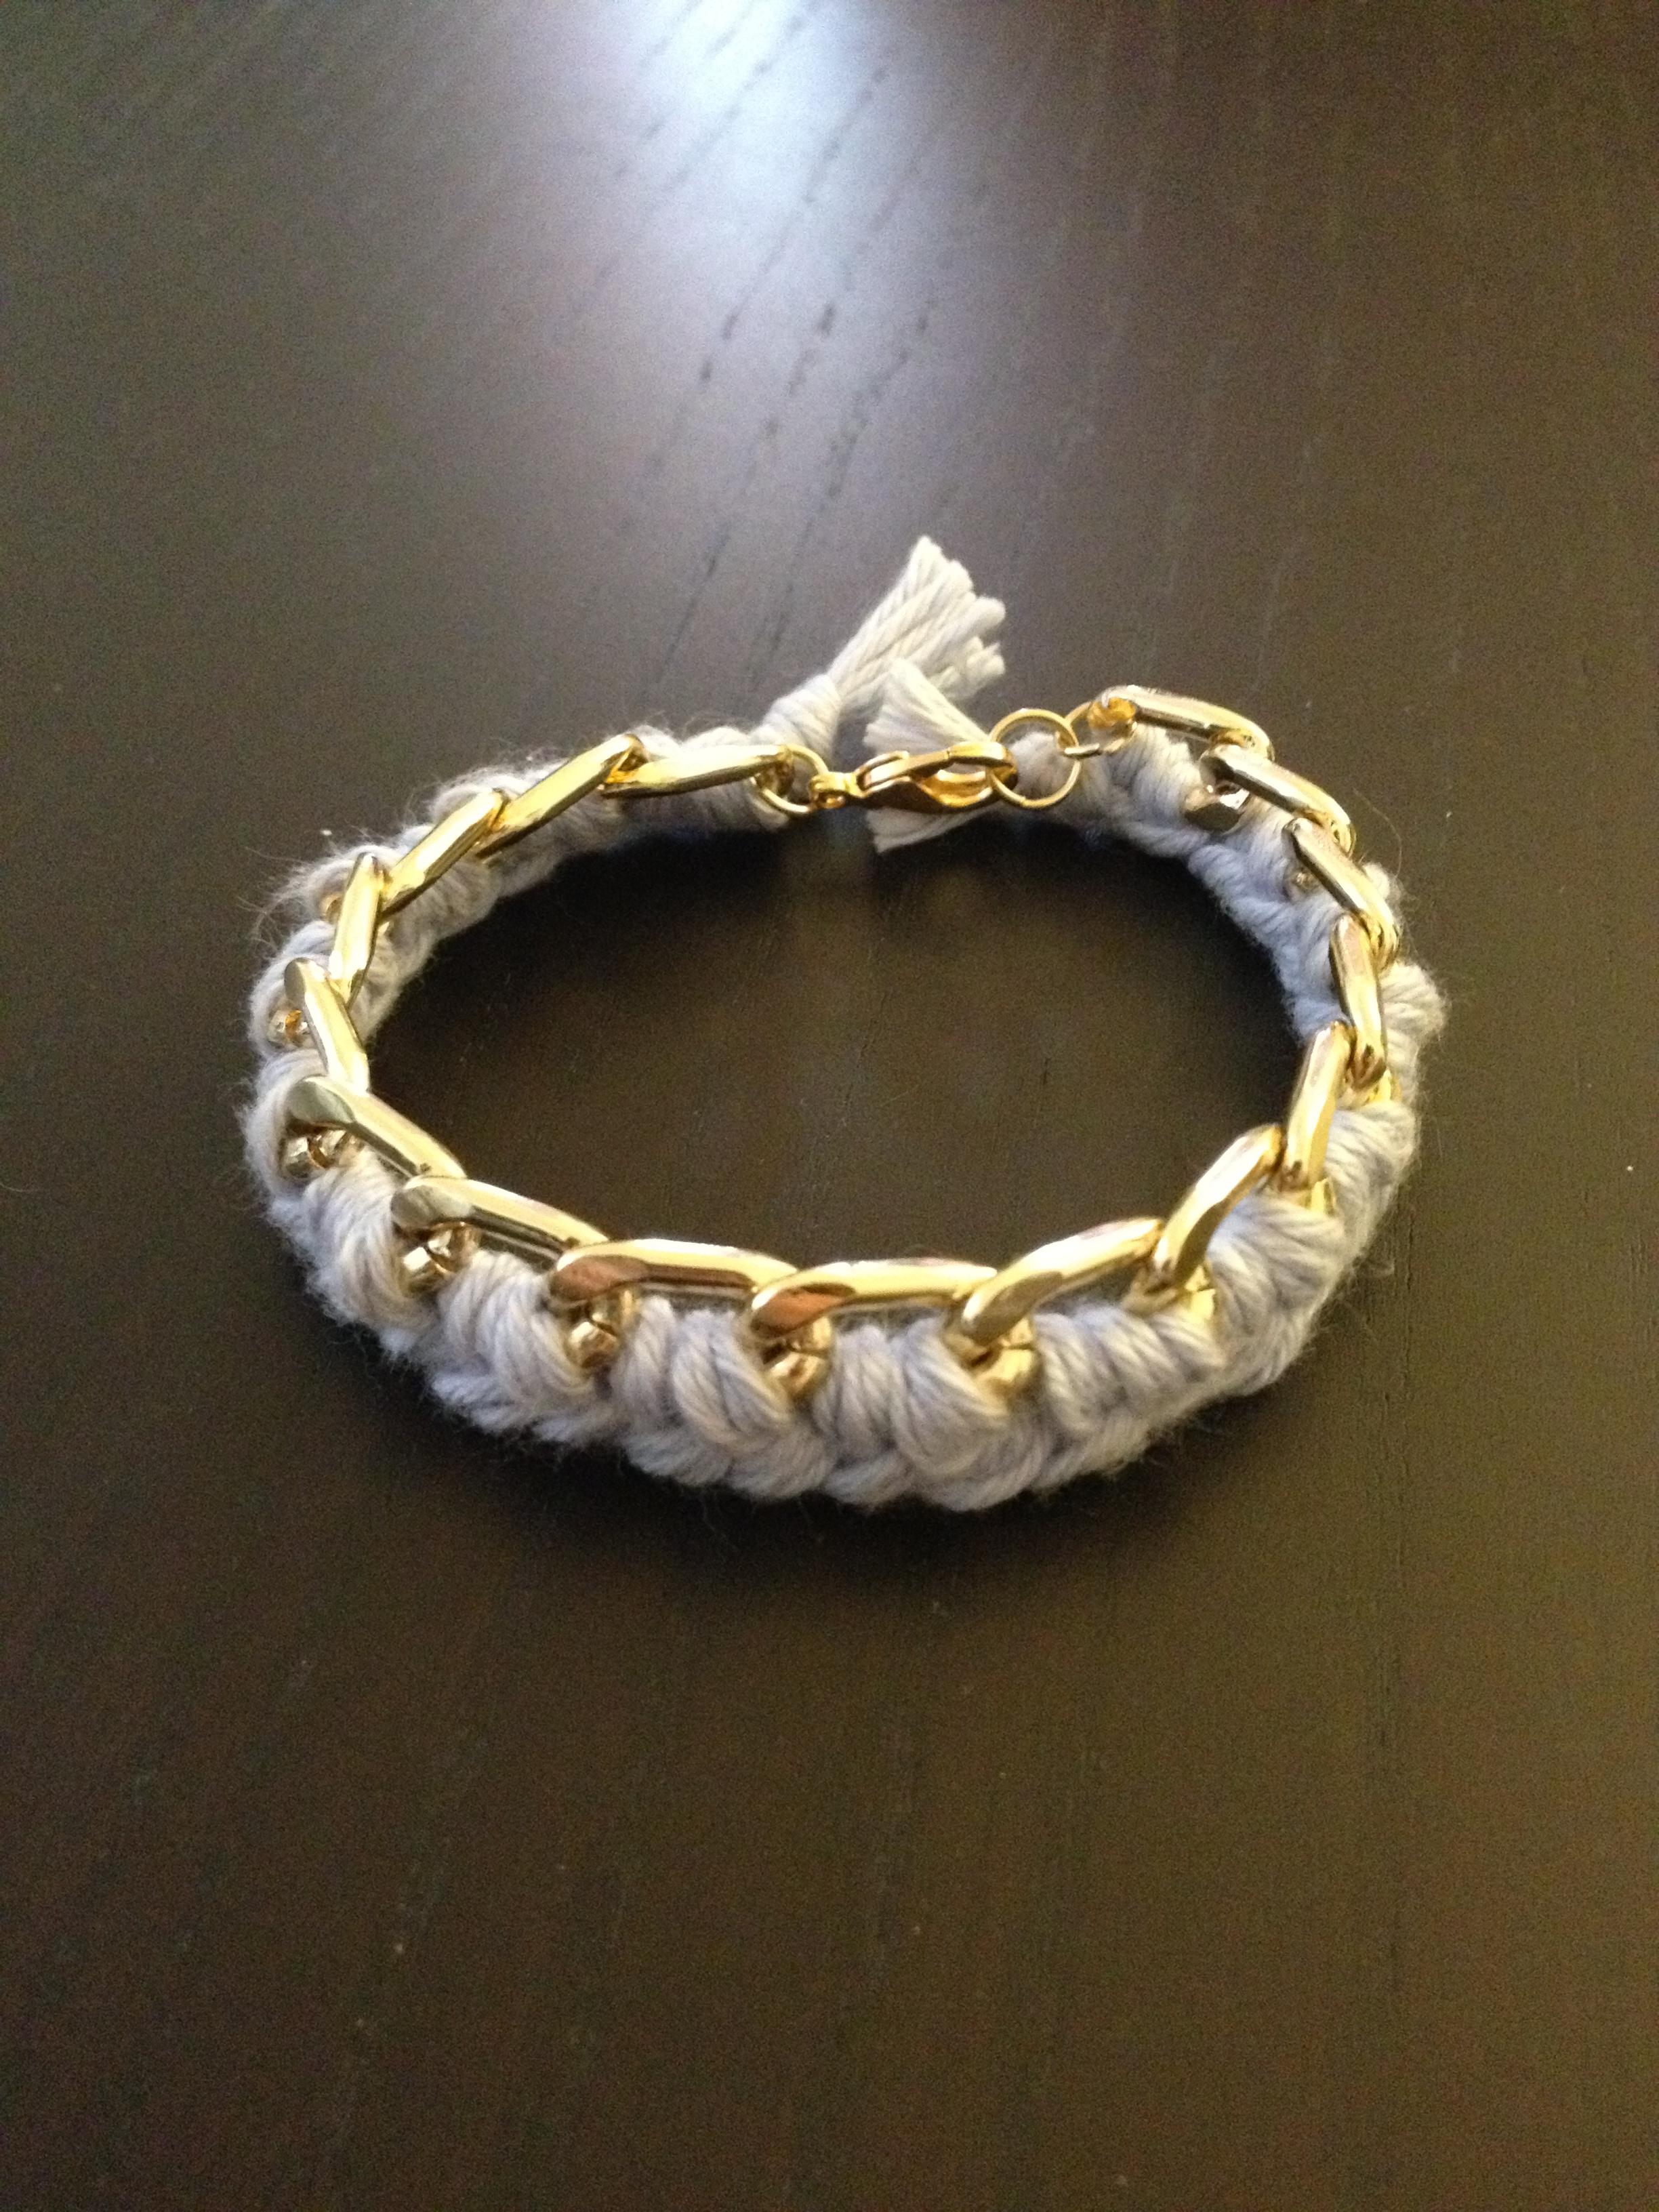 Dyi 1 le bracelet cha ne et sa tresse en fil de coton sp4nk blog - Bracelet a faire soi meme ...